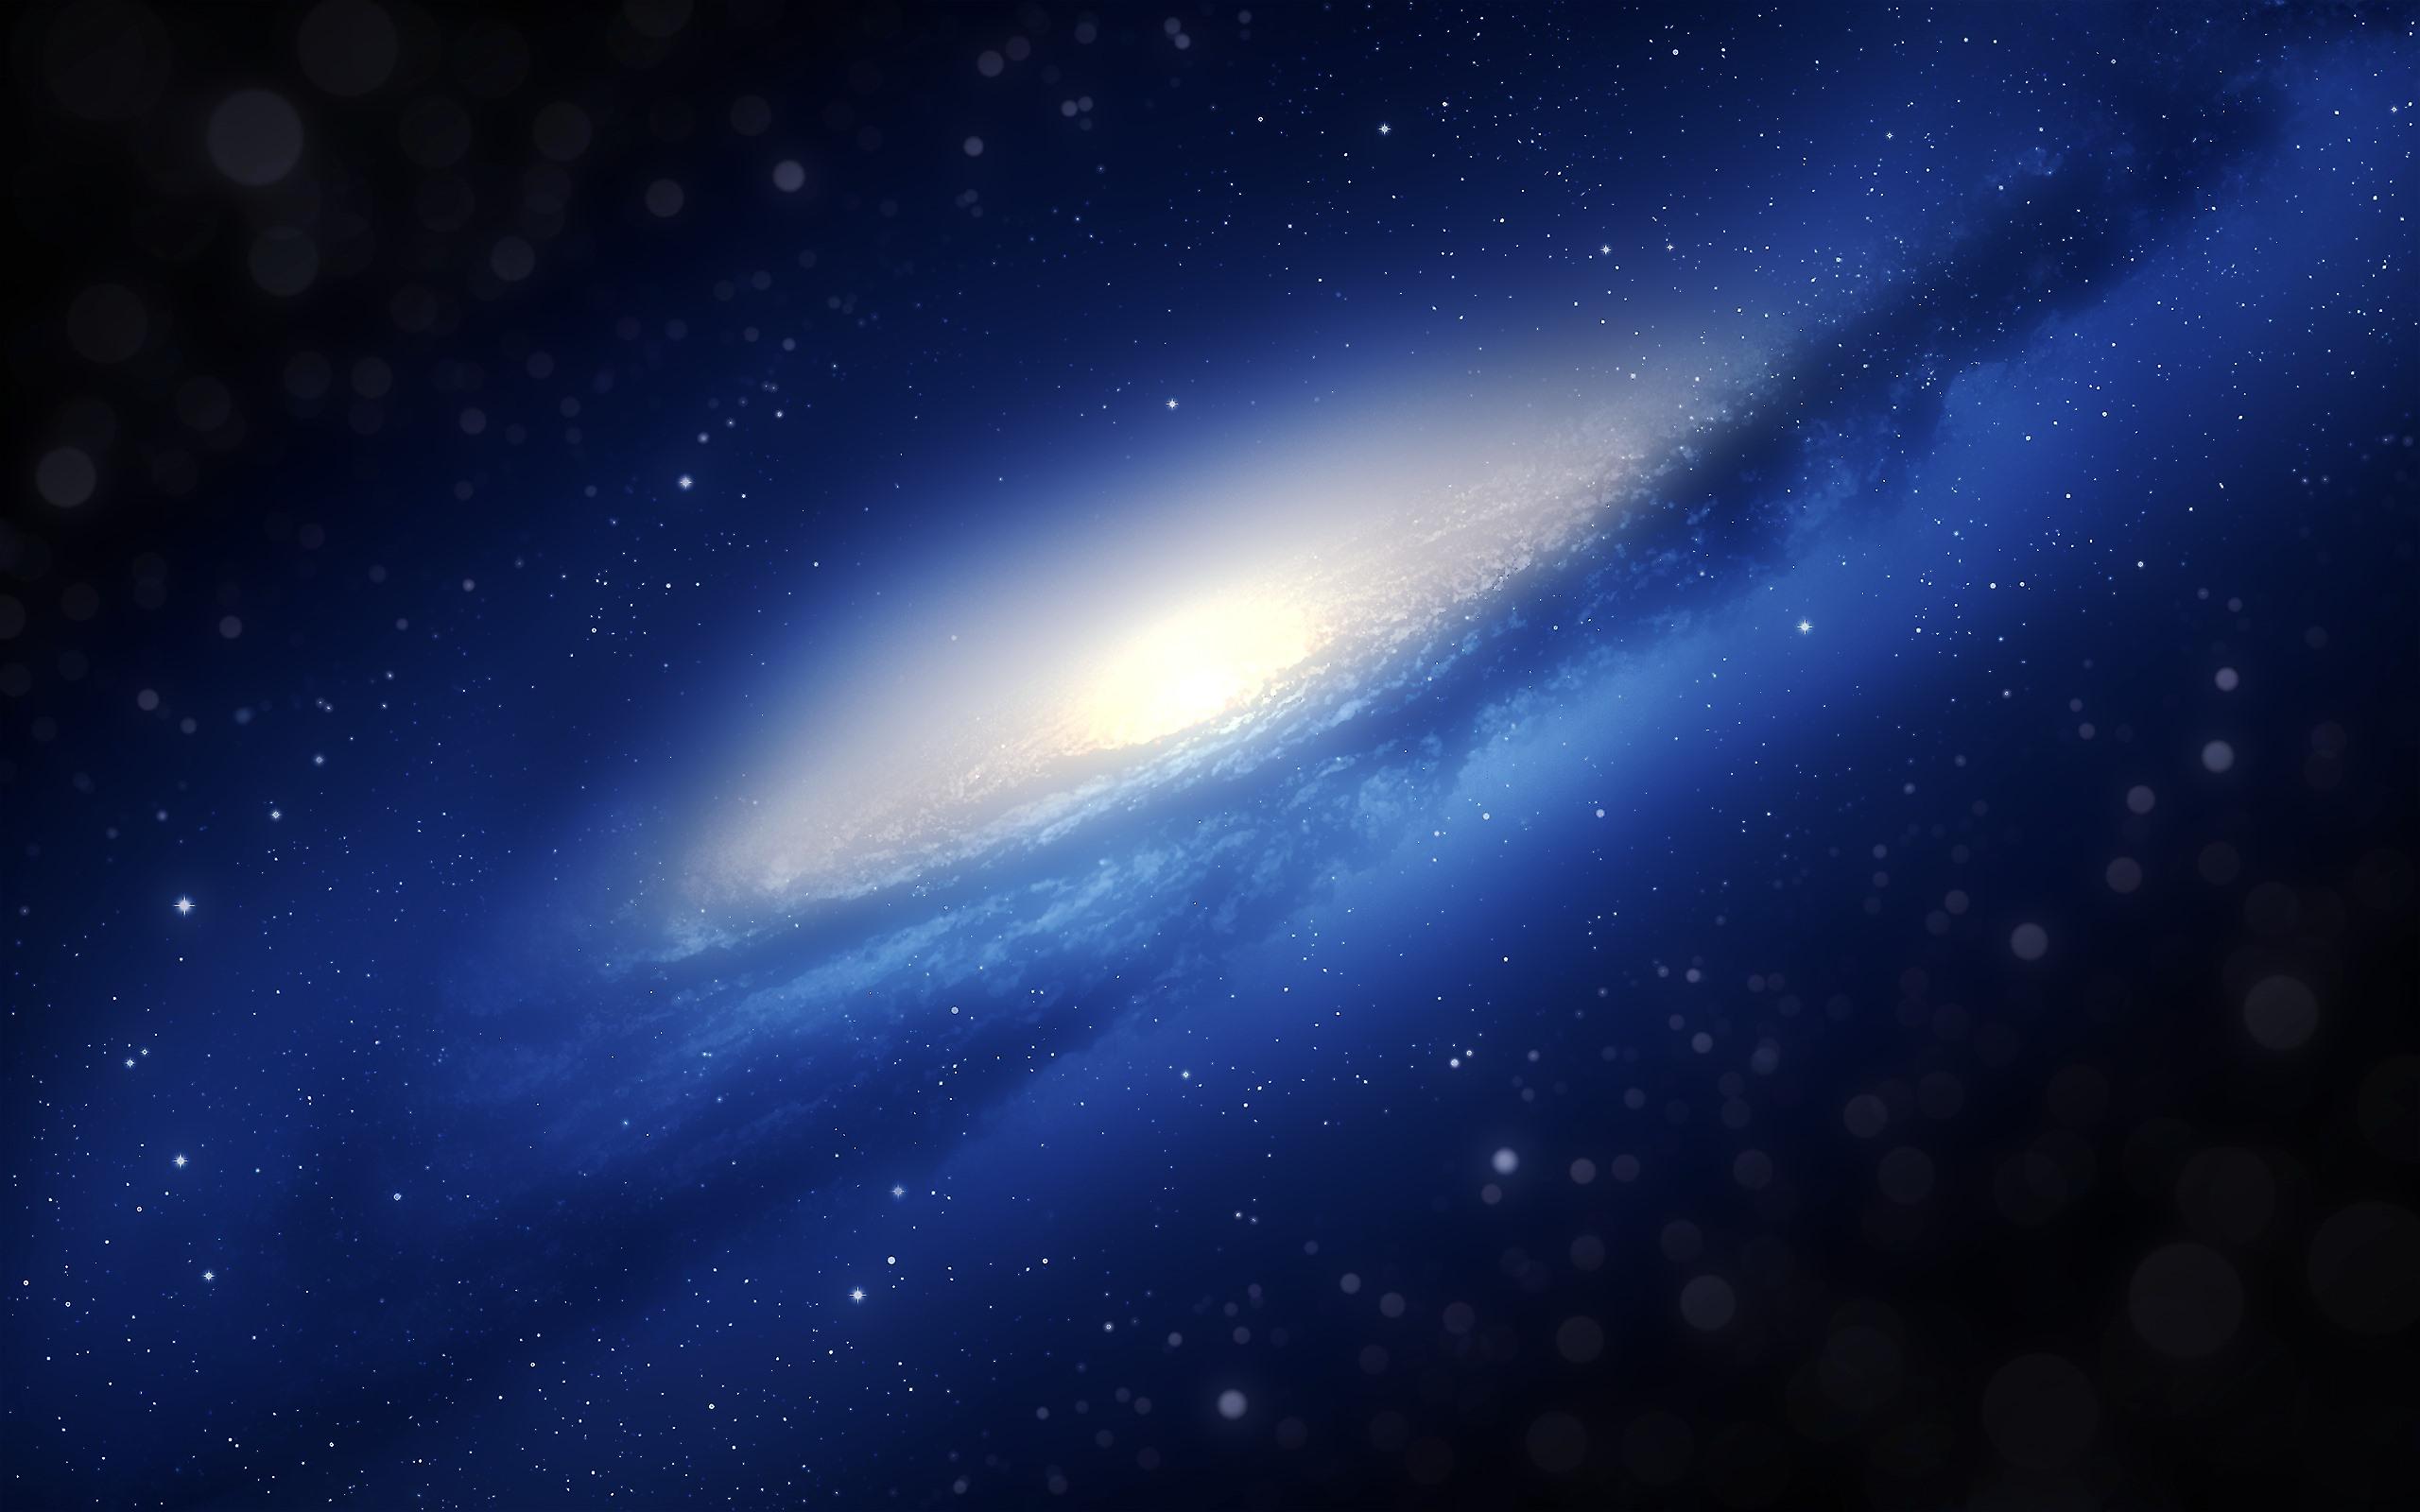 Fonds Décran Galaxie Espace Bleu étoiles 2560x1600 Hd Image